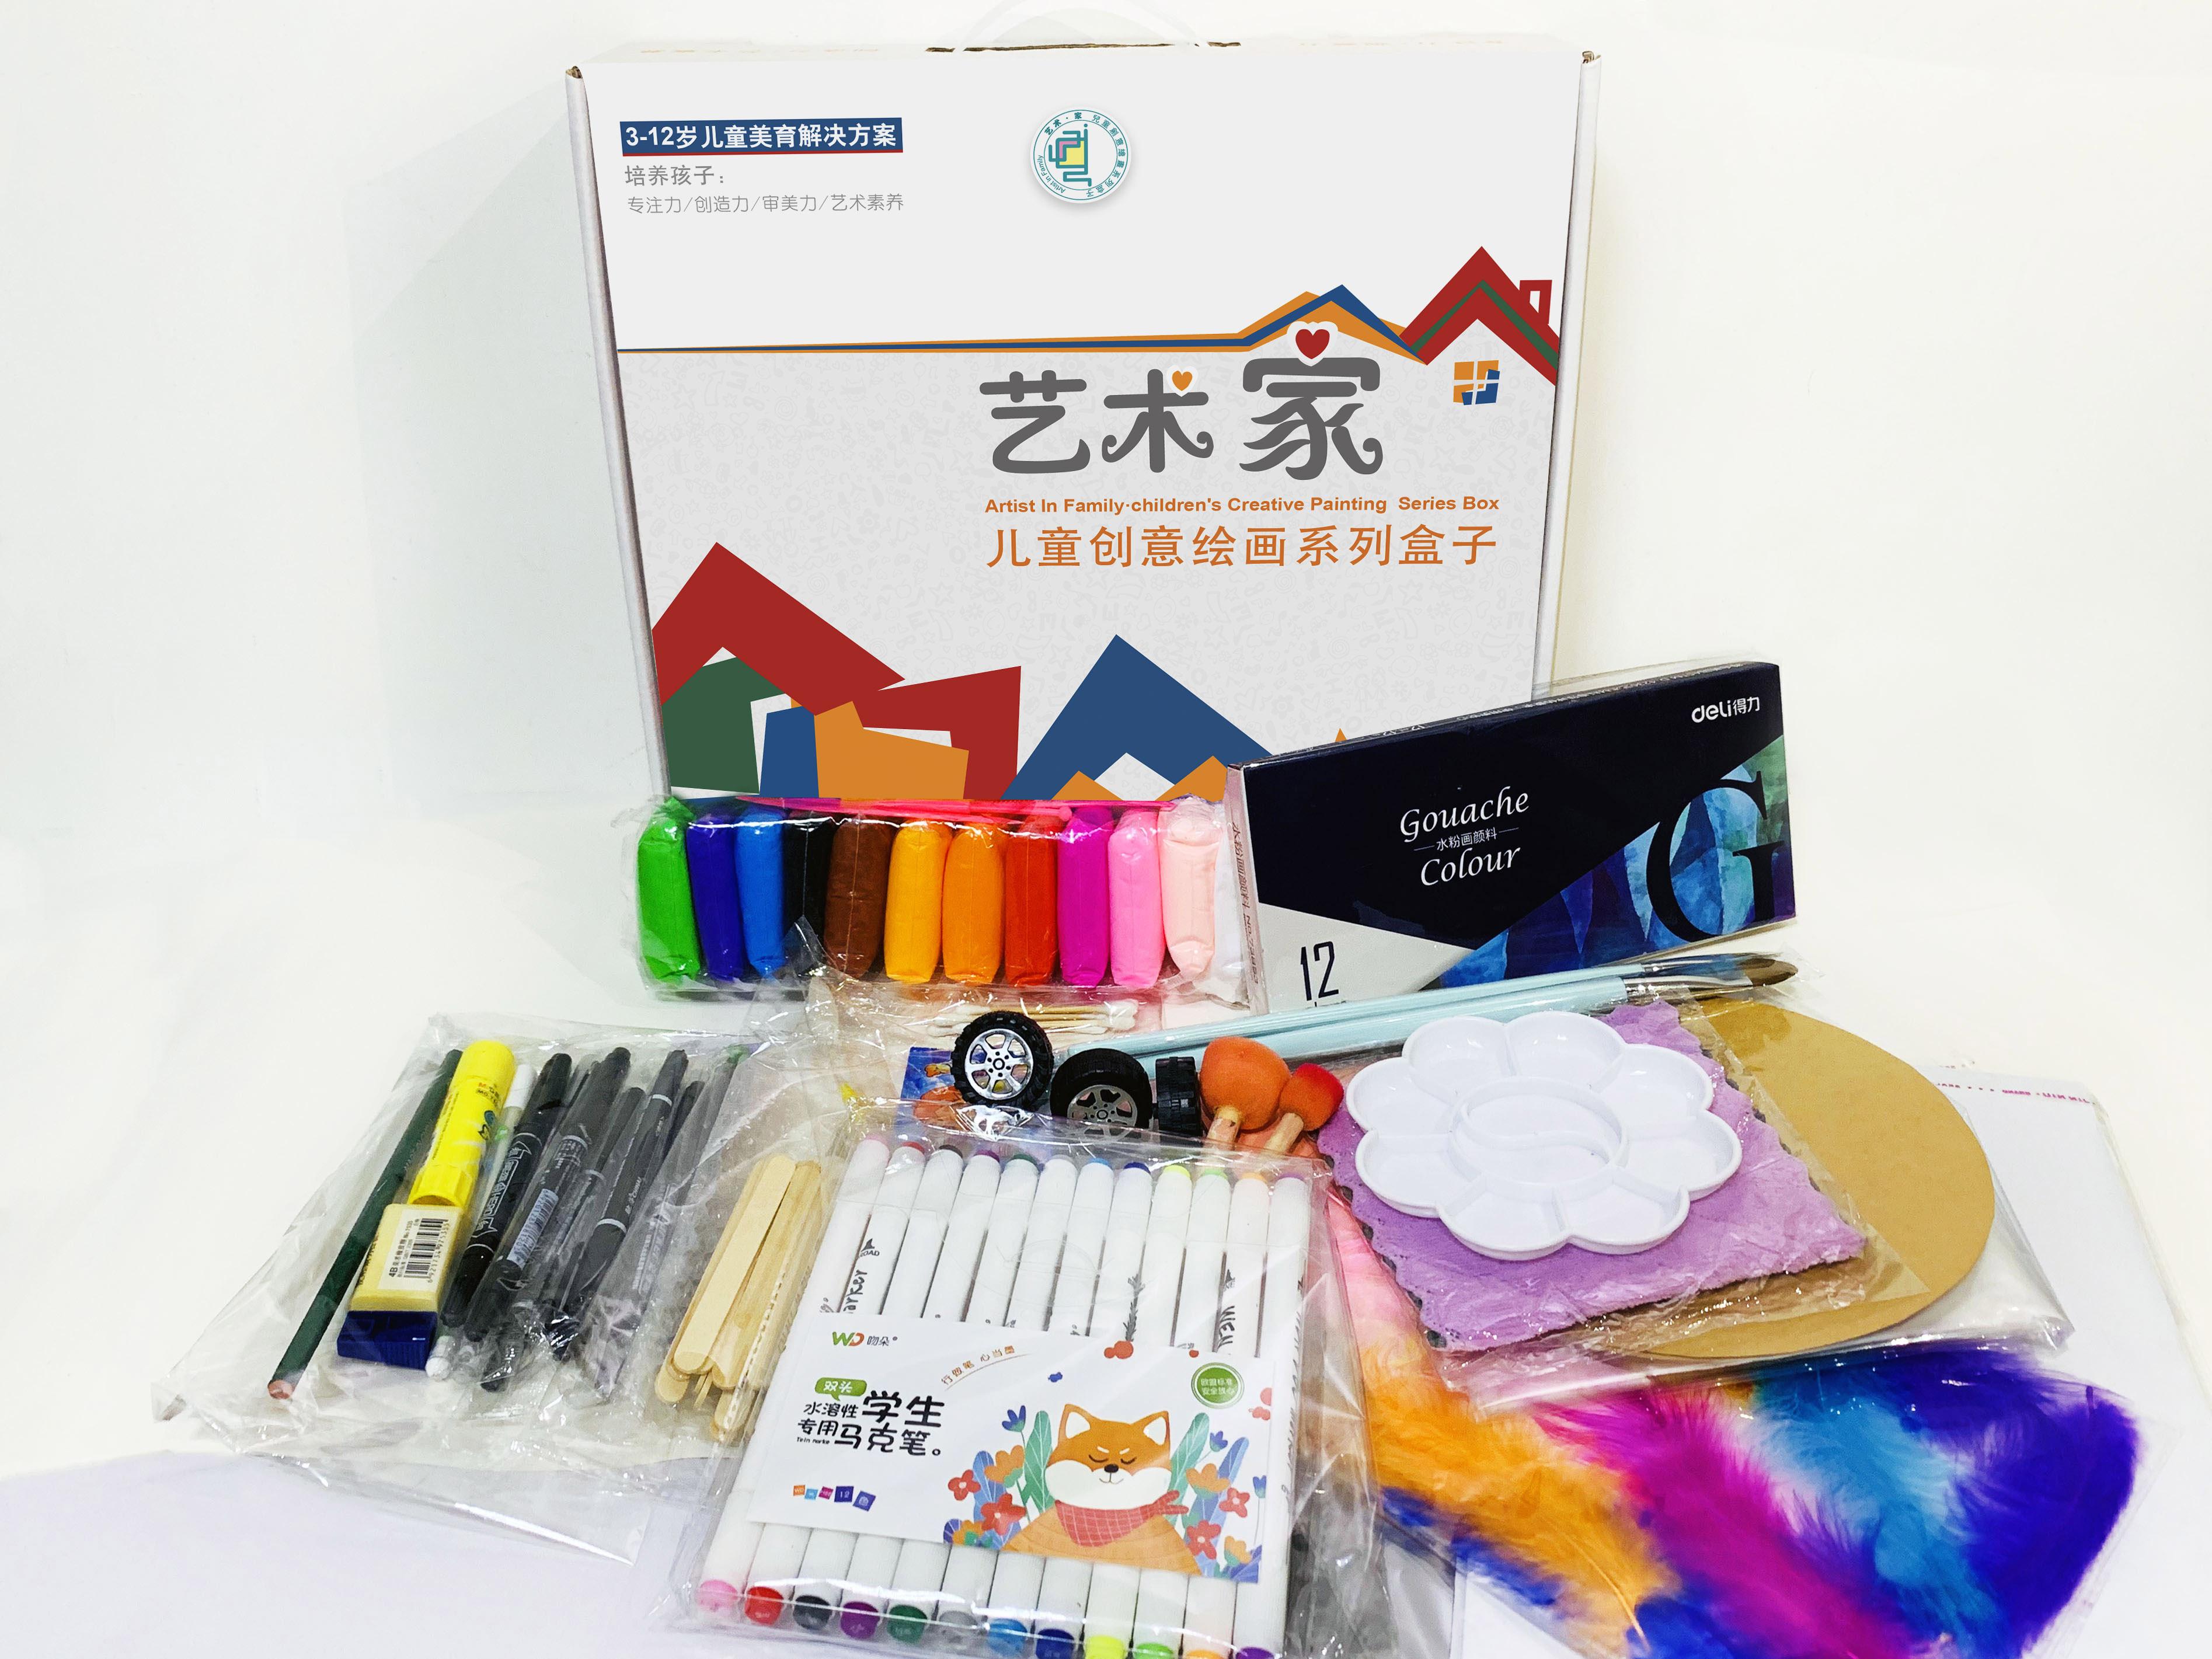 �涎г阂帐跫叶�童创意绘画系列盒子